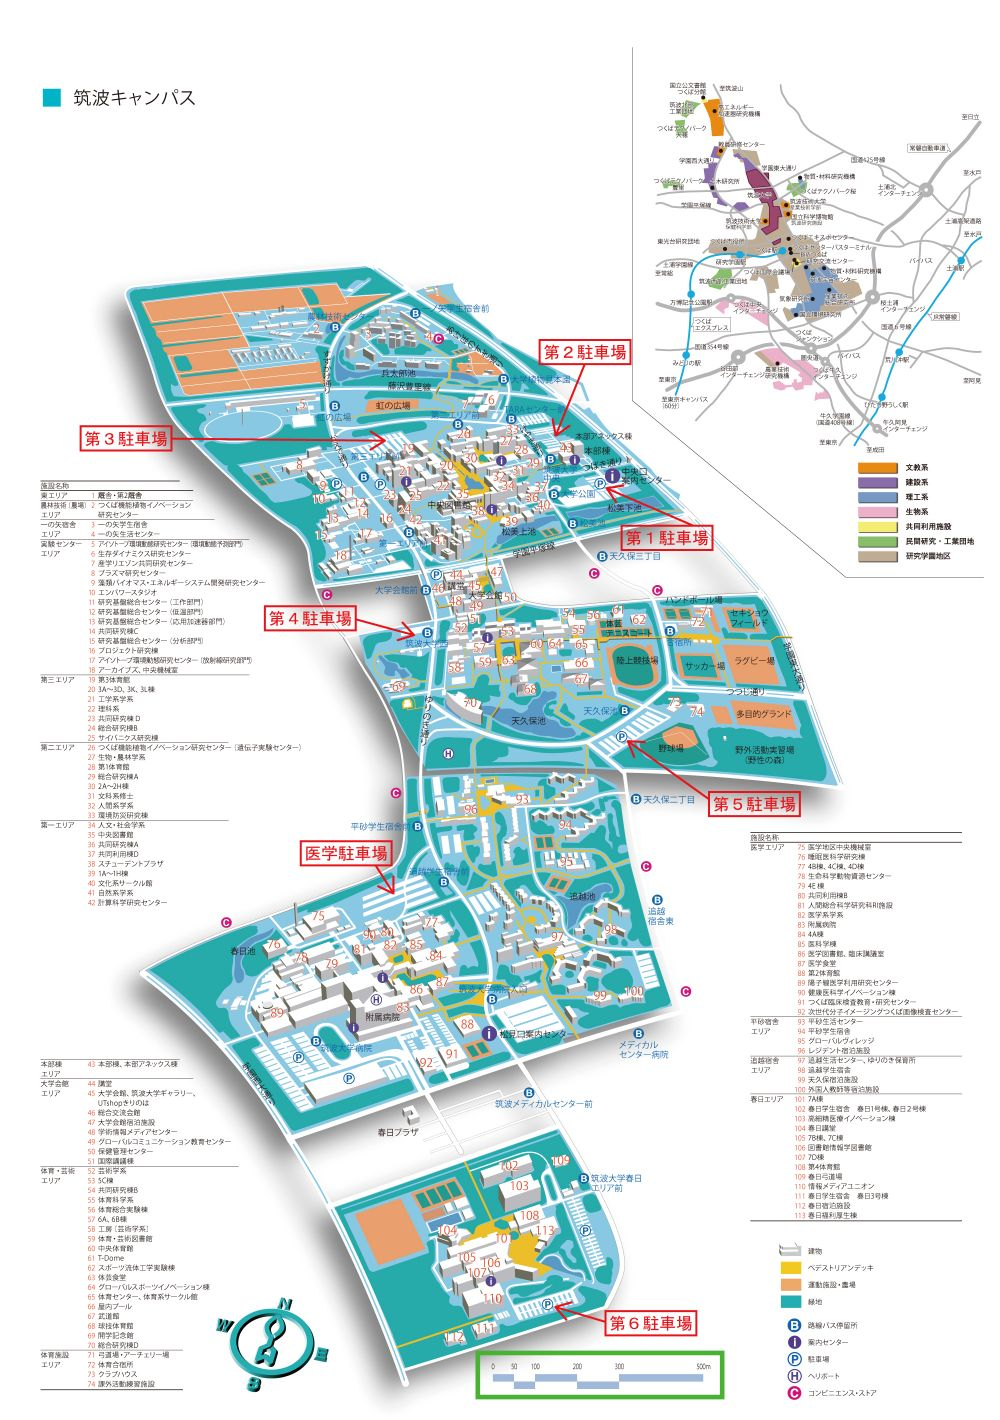 筑波 大学 体育 センター